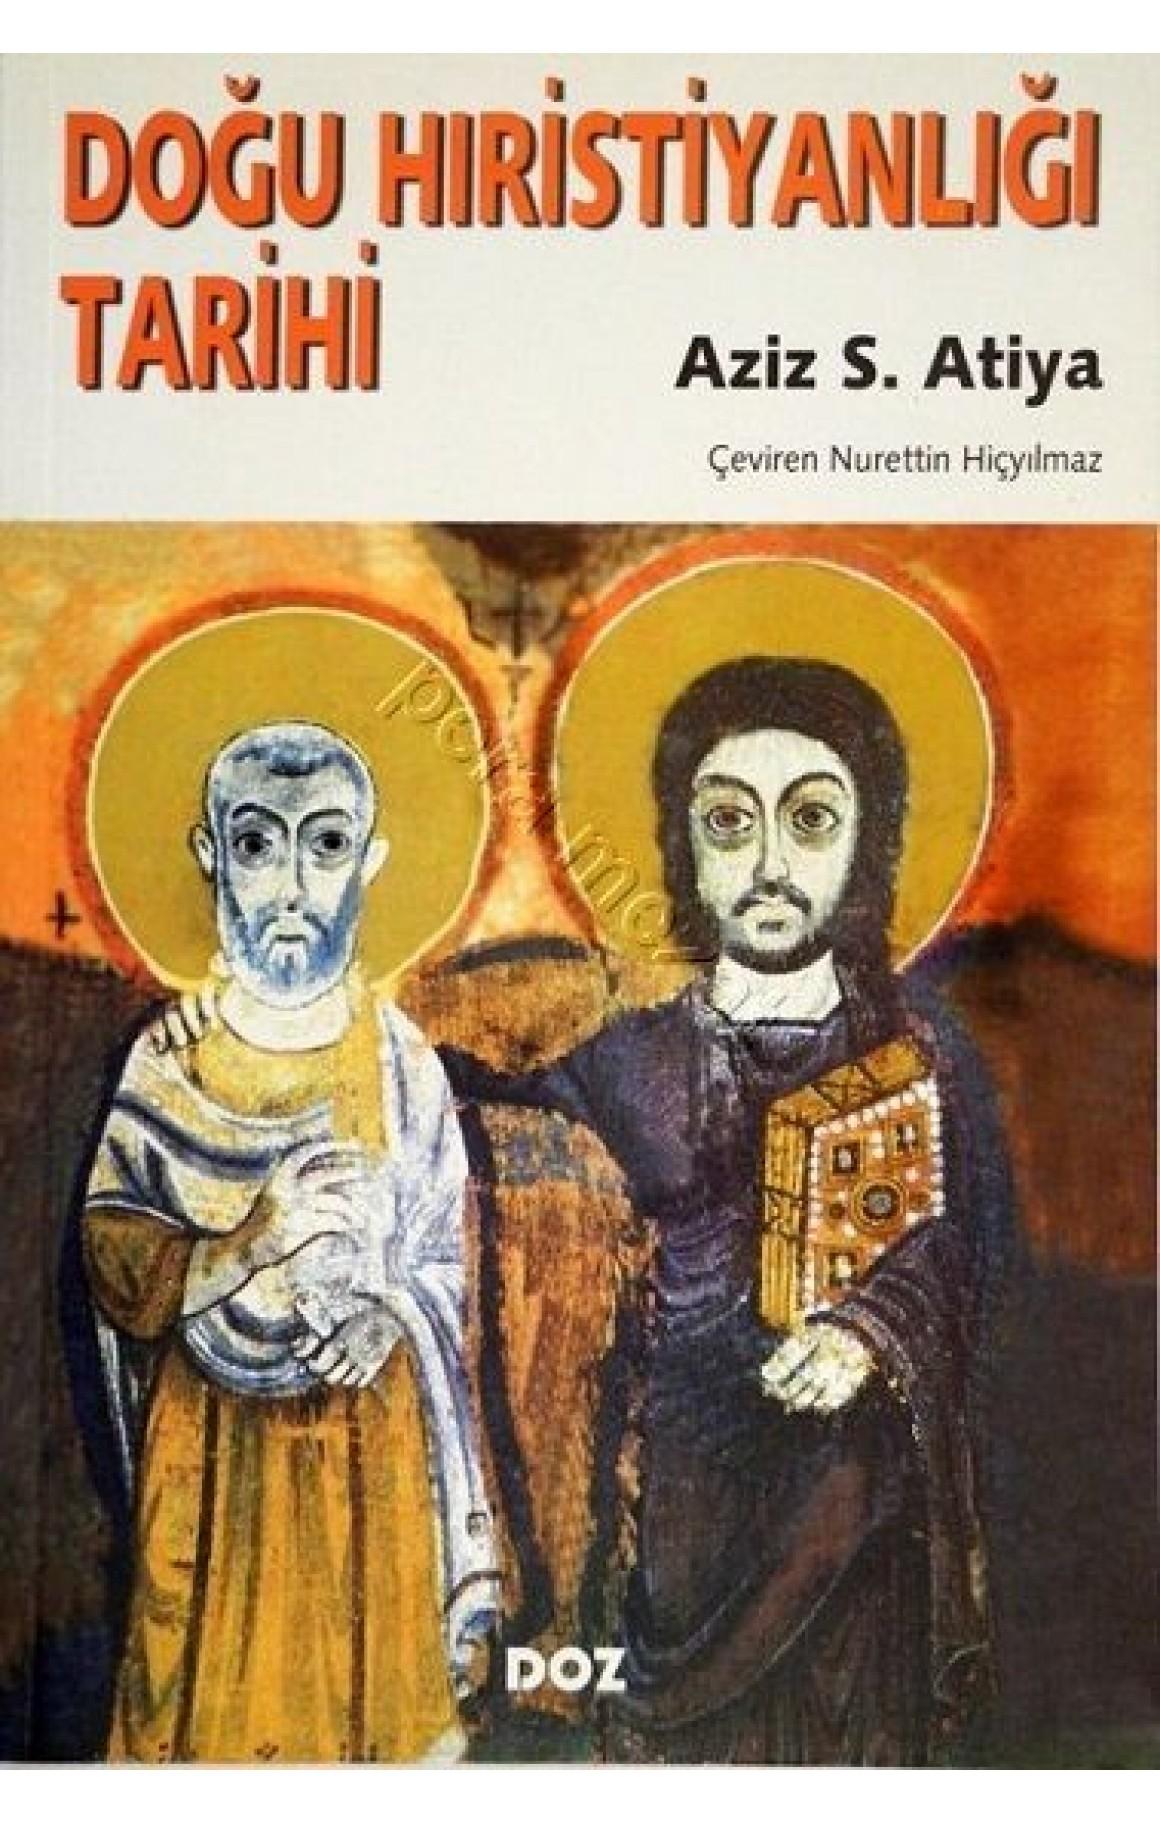 Doğu Hıristiyanlığı Tarihi